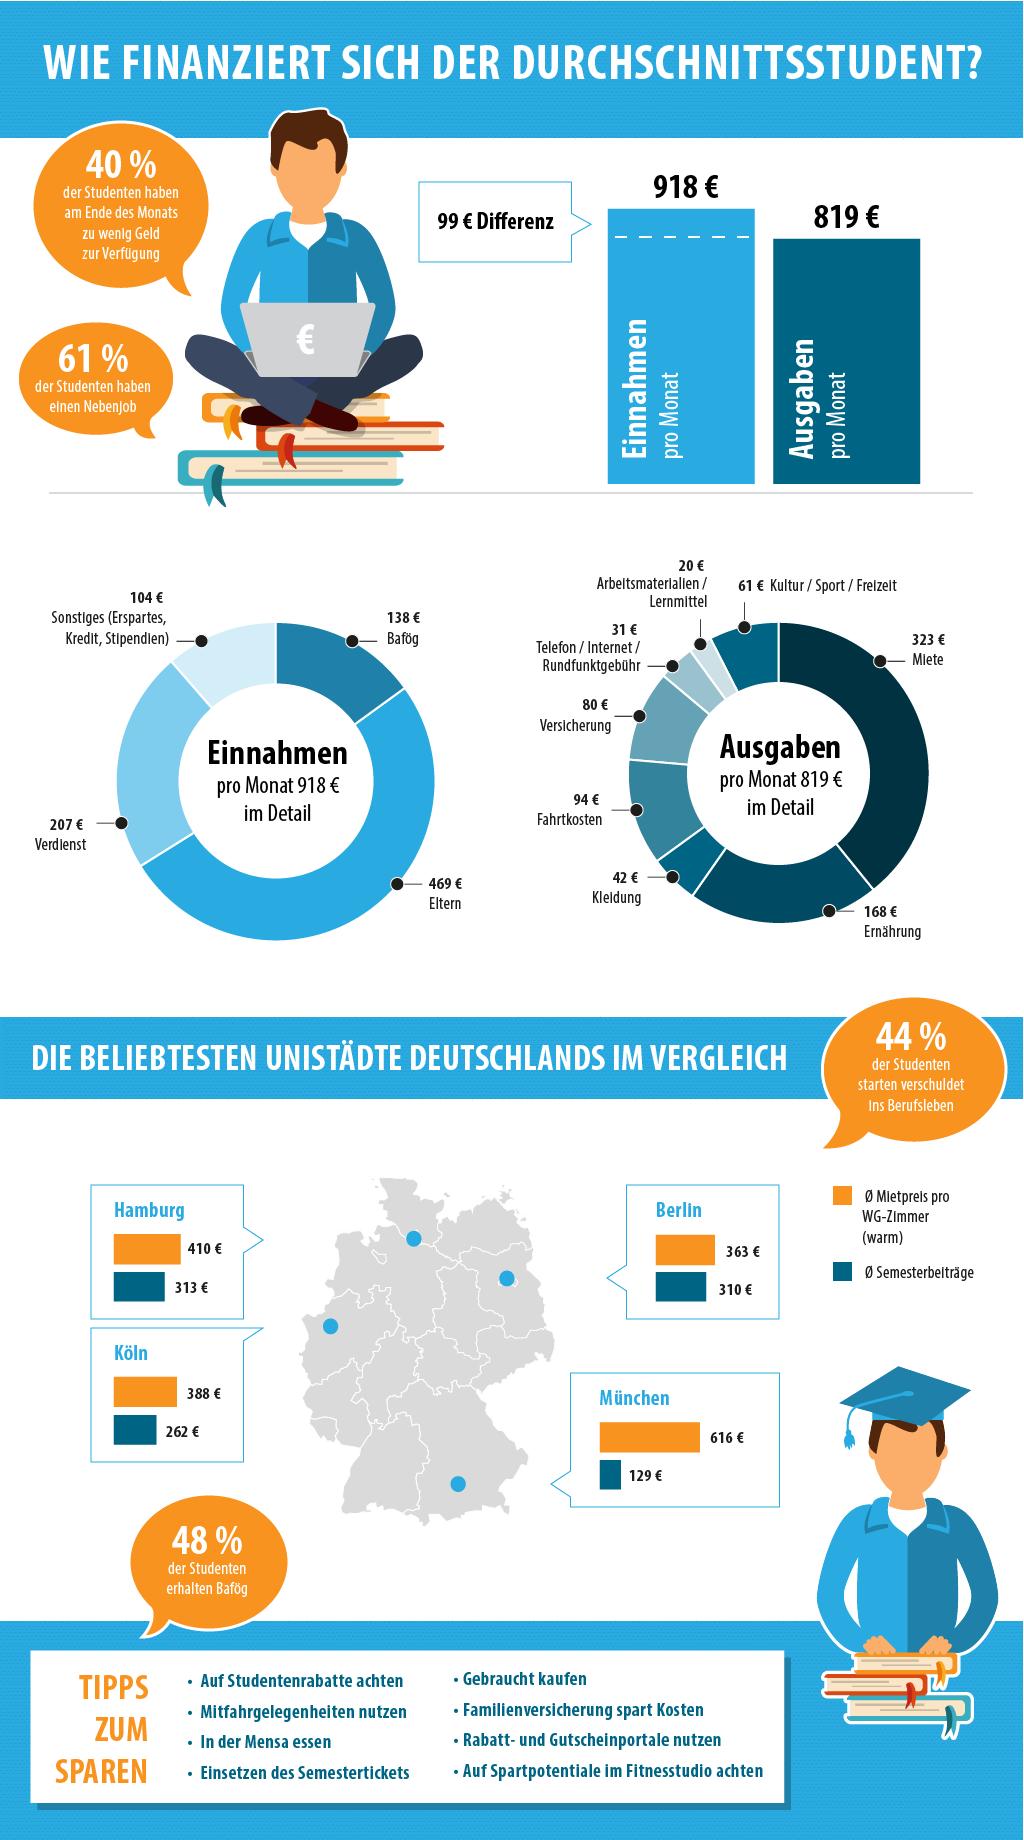 Infografik: Wie finanzieren sich Studenten in Deutschland?